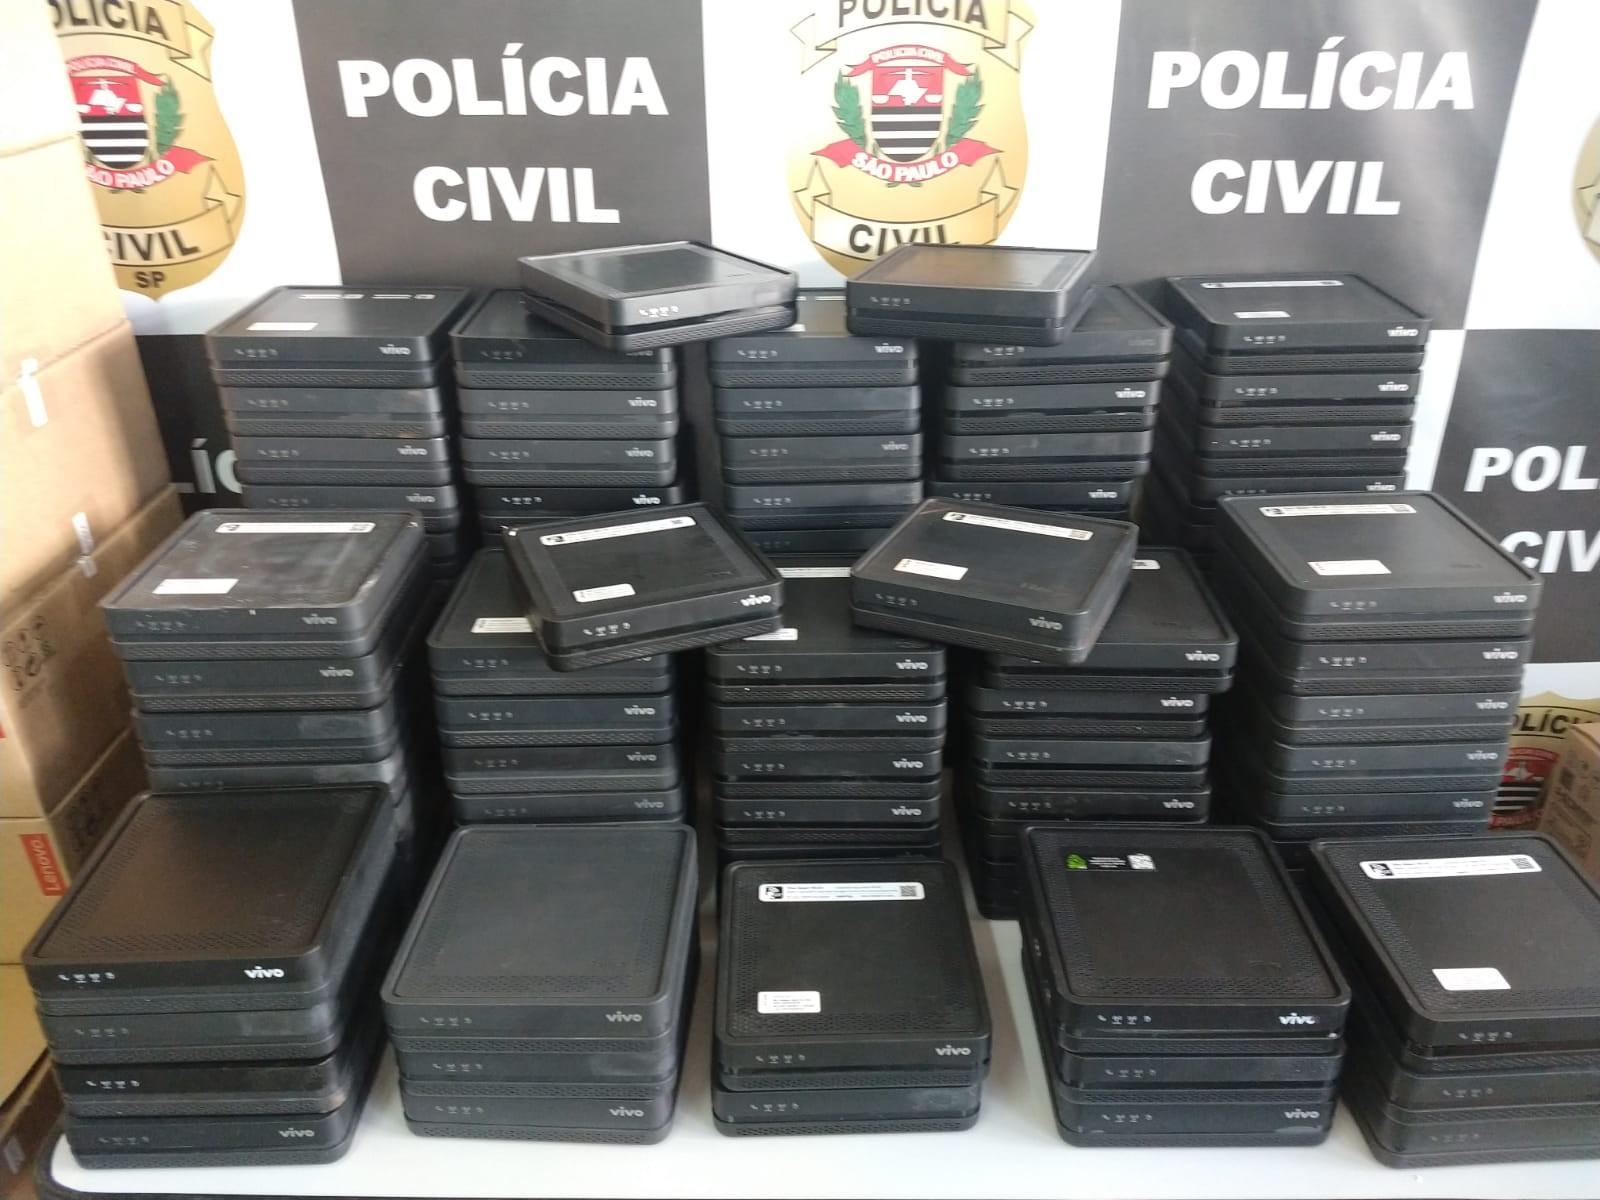 Homem é preso em Hortolândia por venda de aparelhos de transmissão de internet nas redes sociais